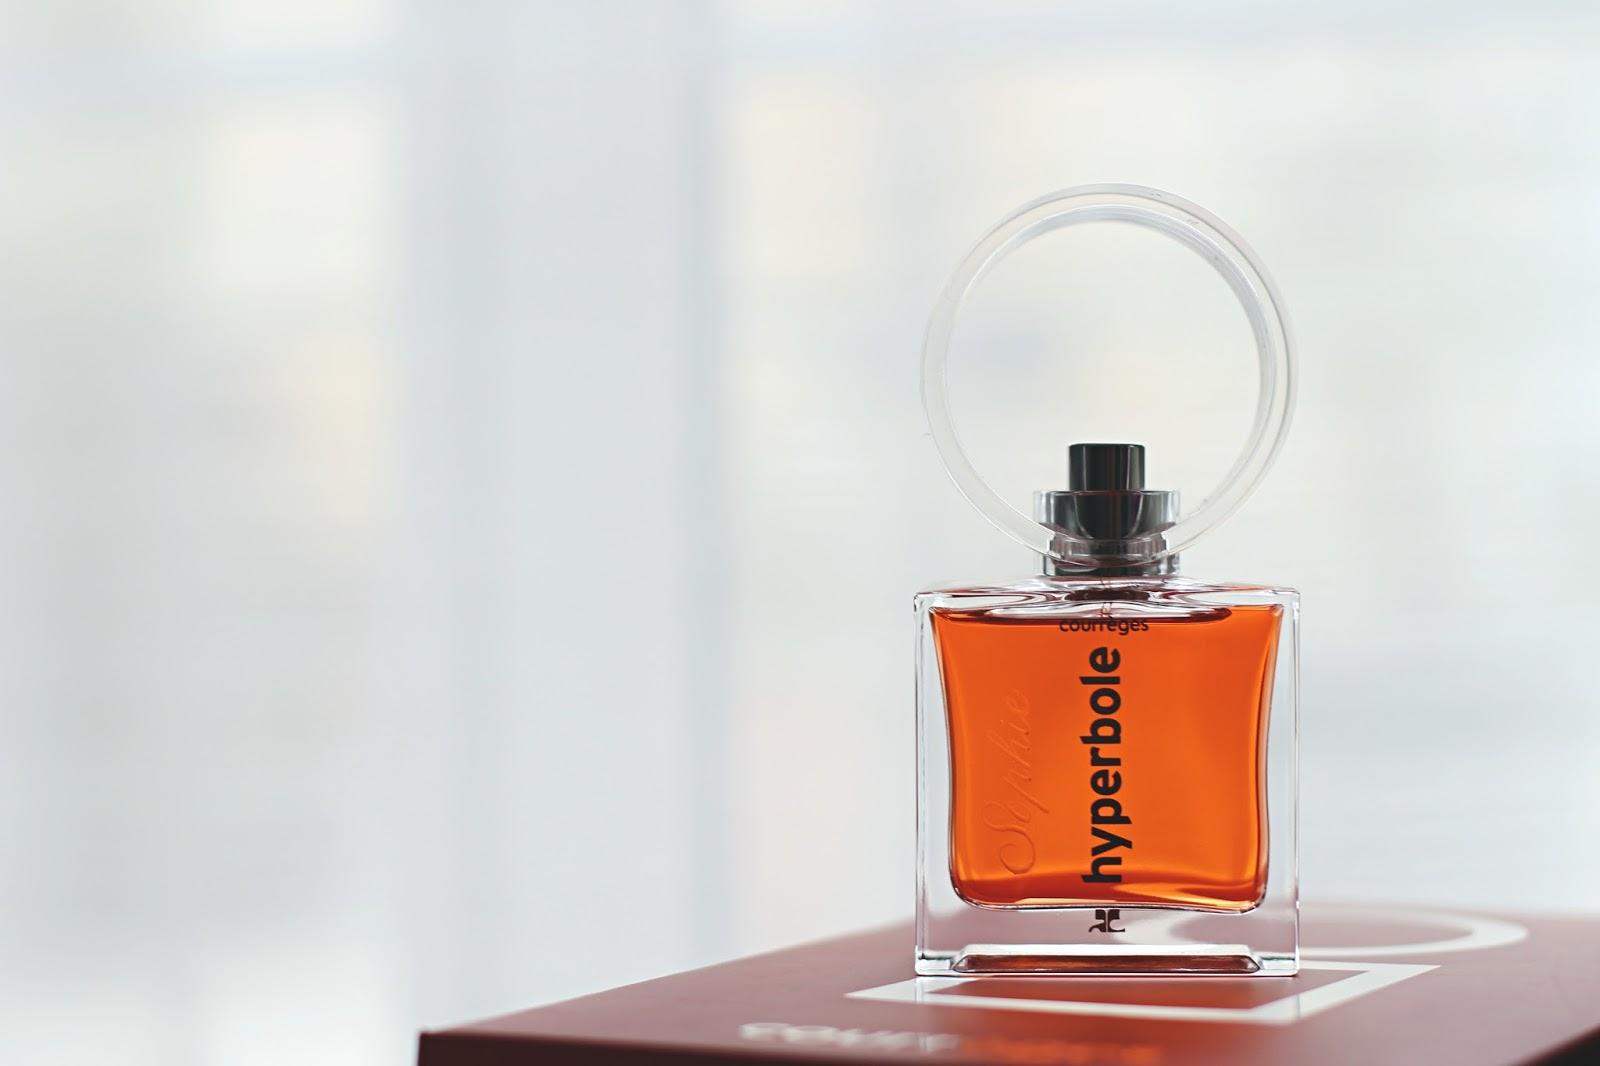 parfums atypiques - Hyperbole Courrèges